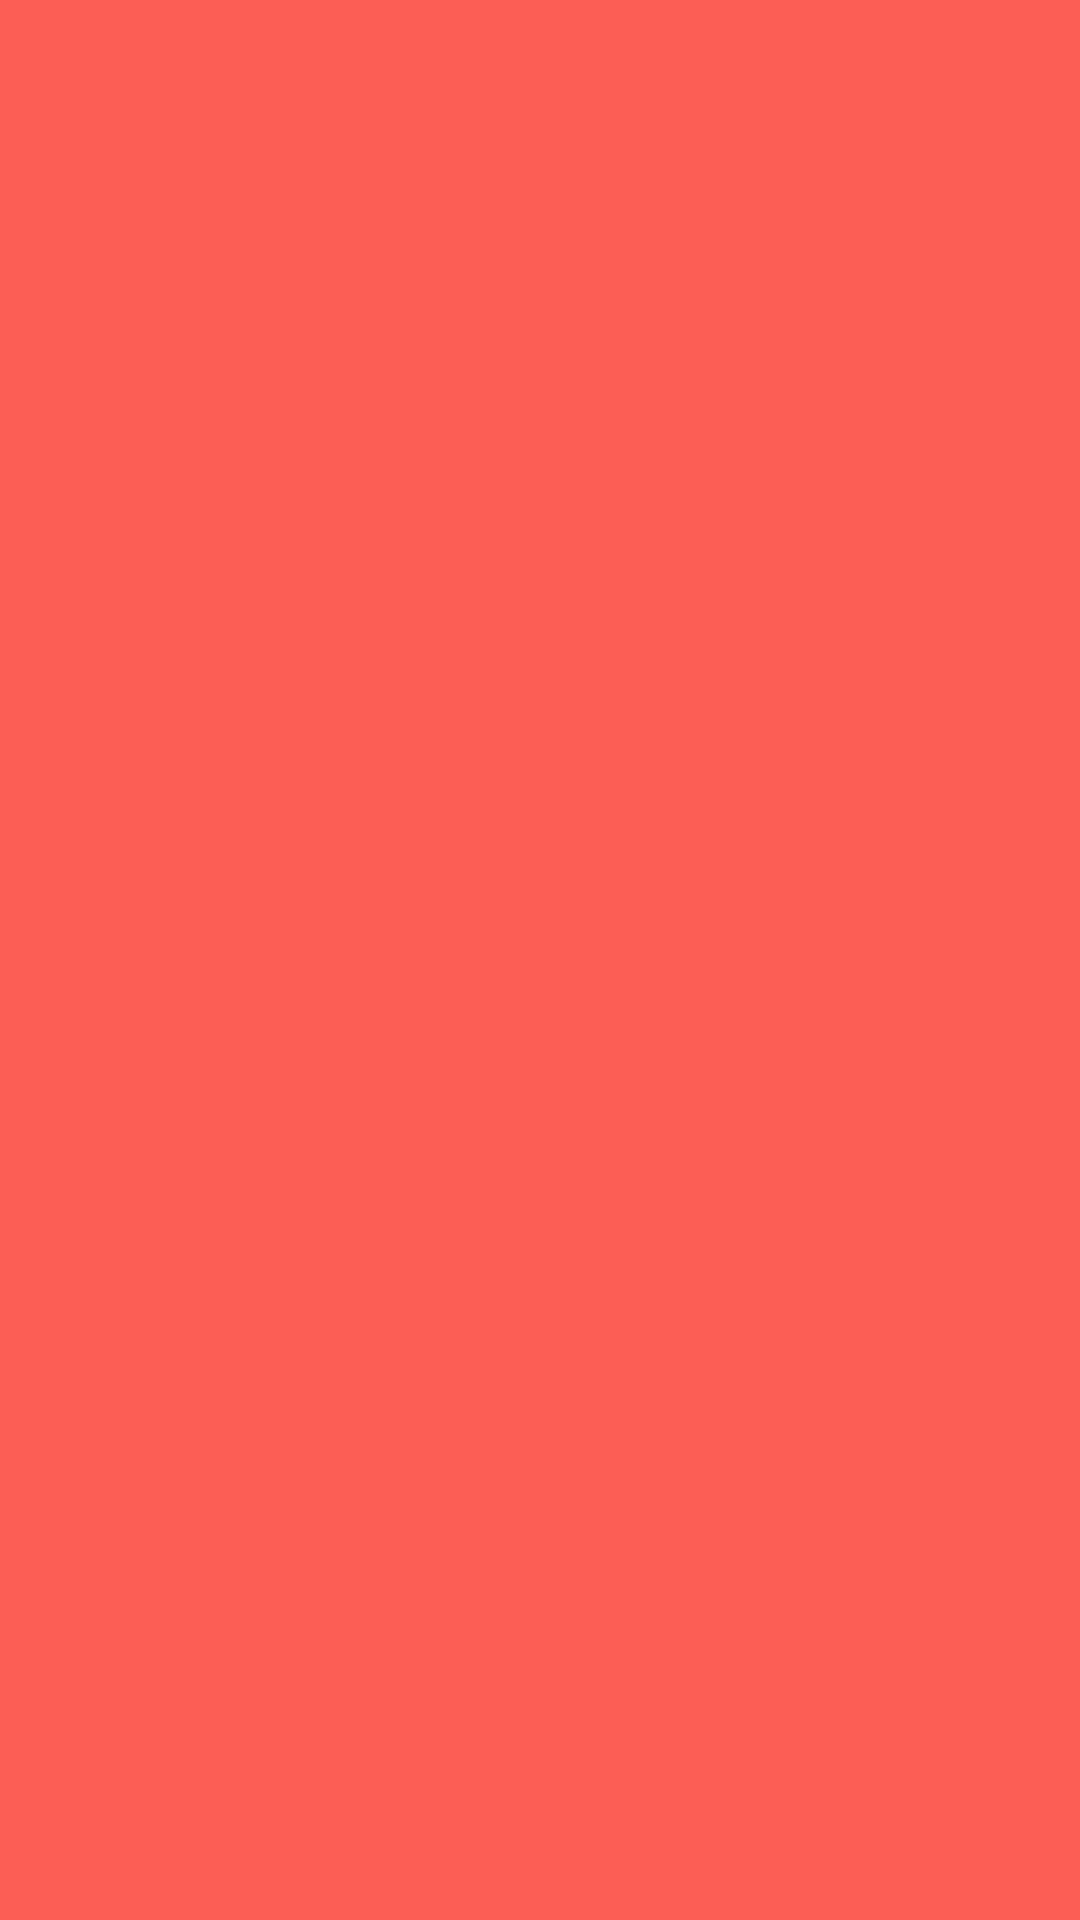 1080x1920 Sunset Orange Solid Color Background